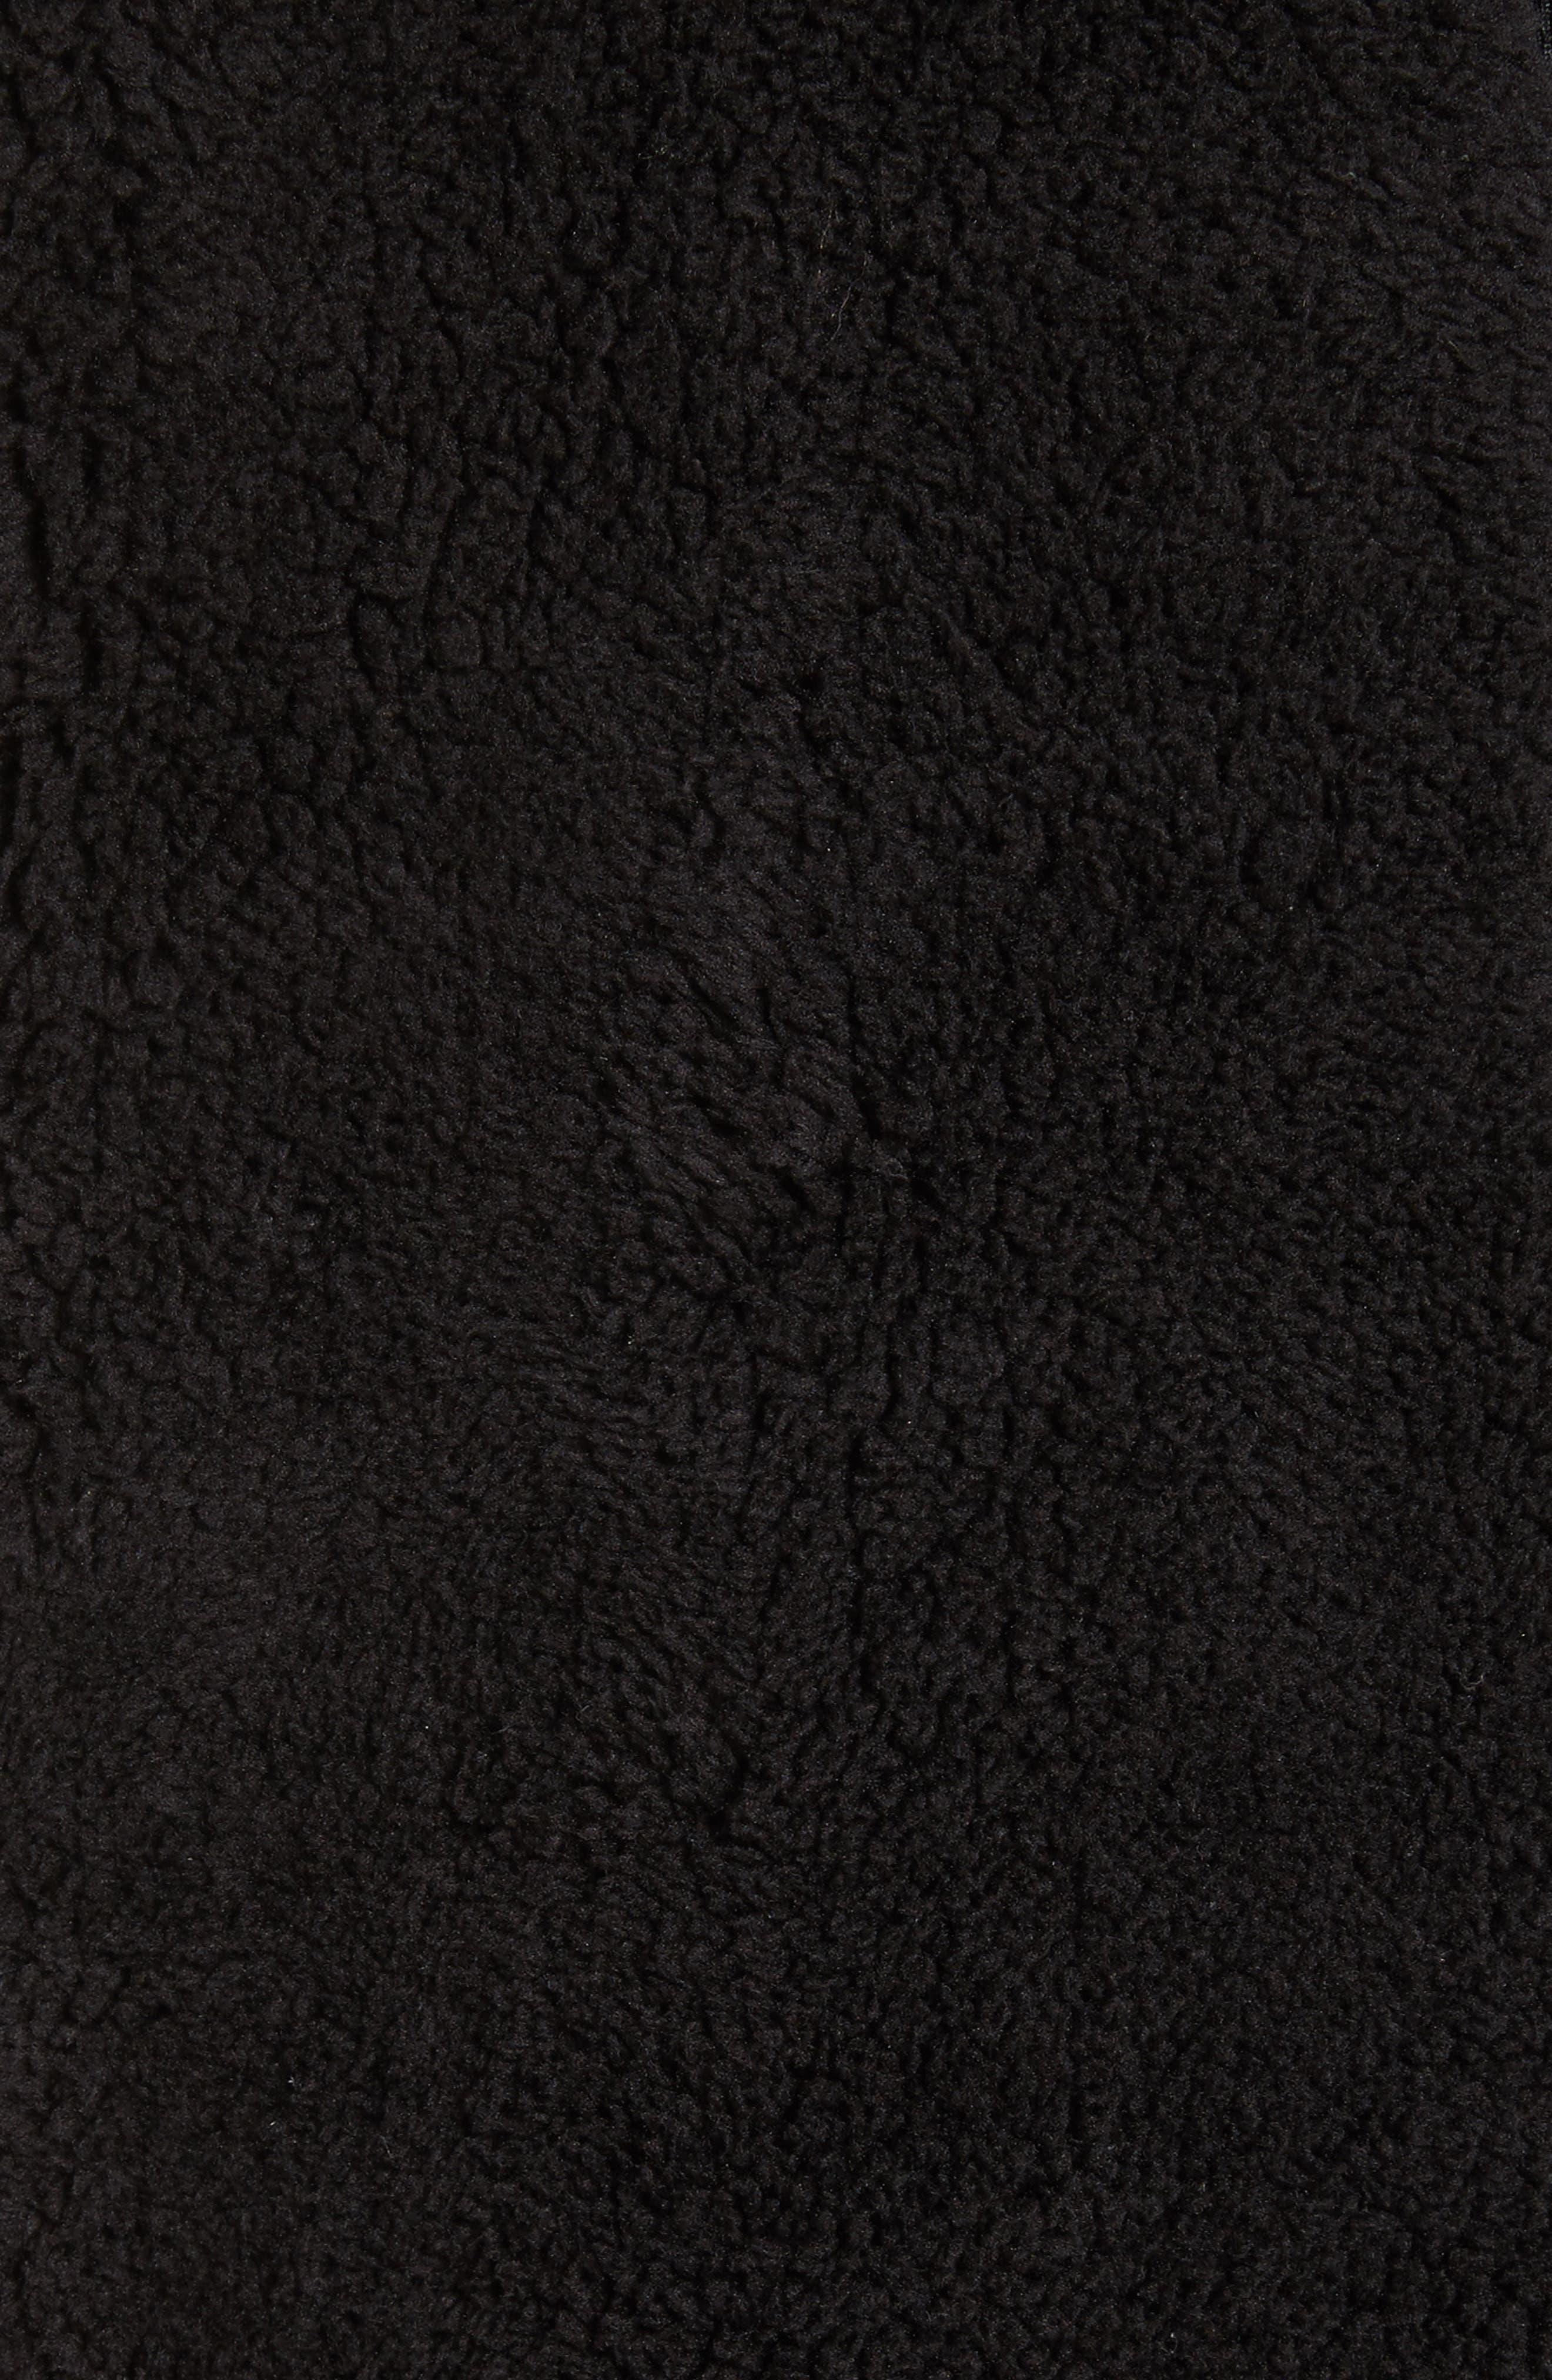 Polar Fleece Zip Jacket,                             Alternate thumbnail 6, color,                             001